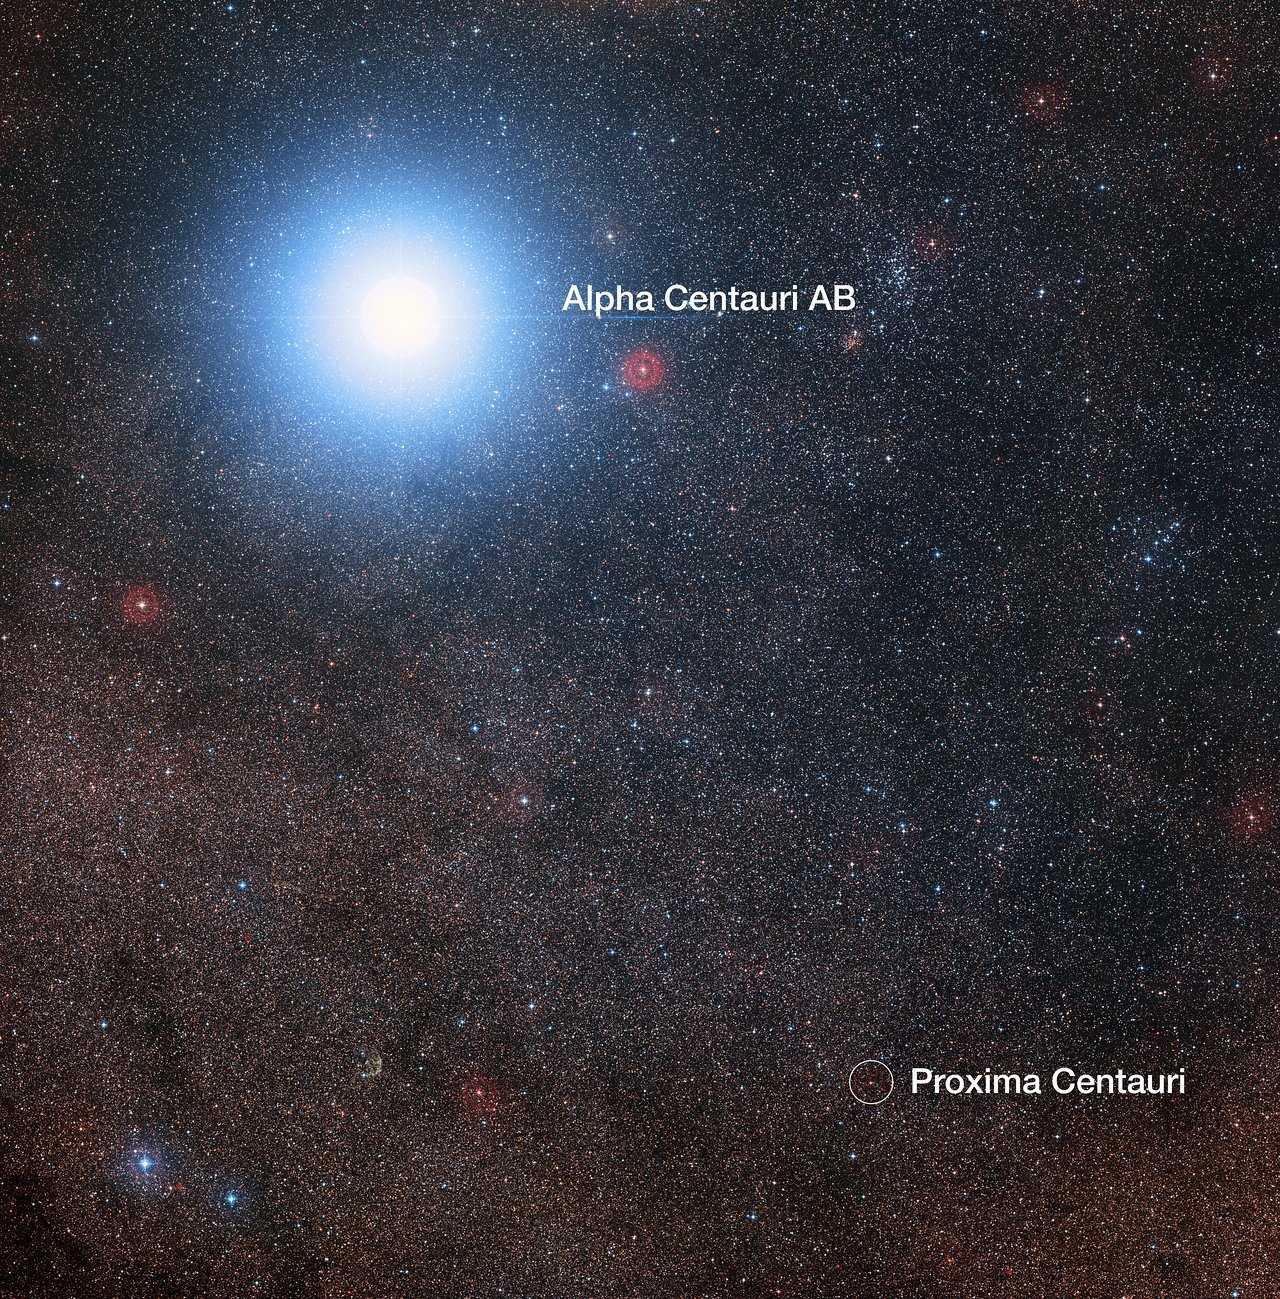 Der Himmel mit Alpha Centauri AB und  dem Roten Zwerg Proxima Centauri, dem zum Sonnensystem nächstgelegenen Stern.